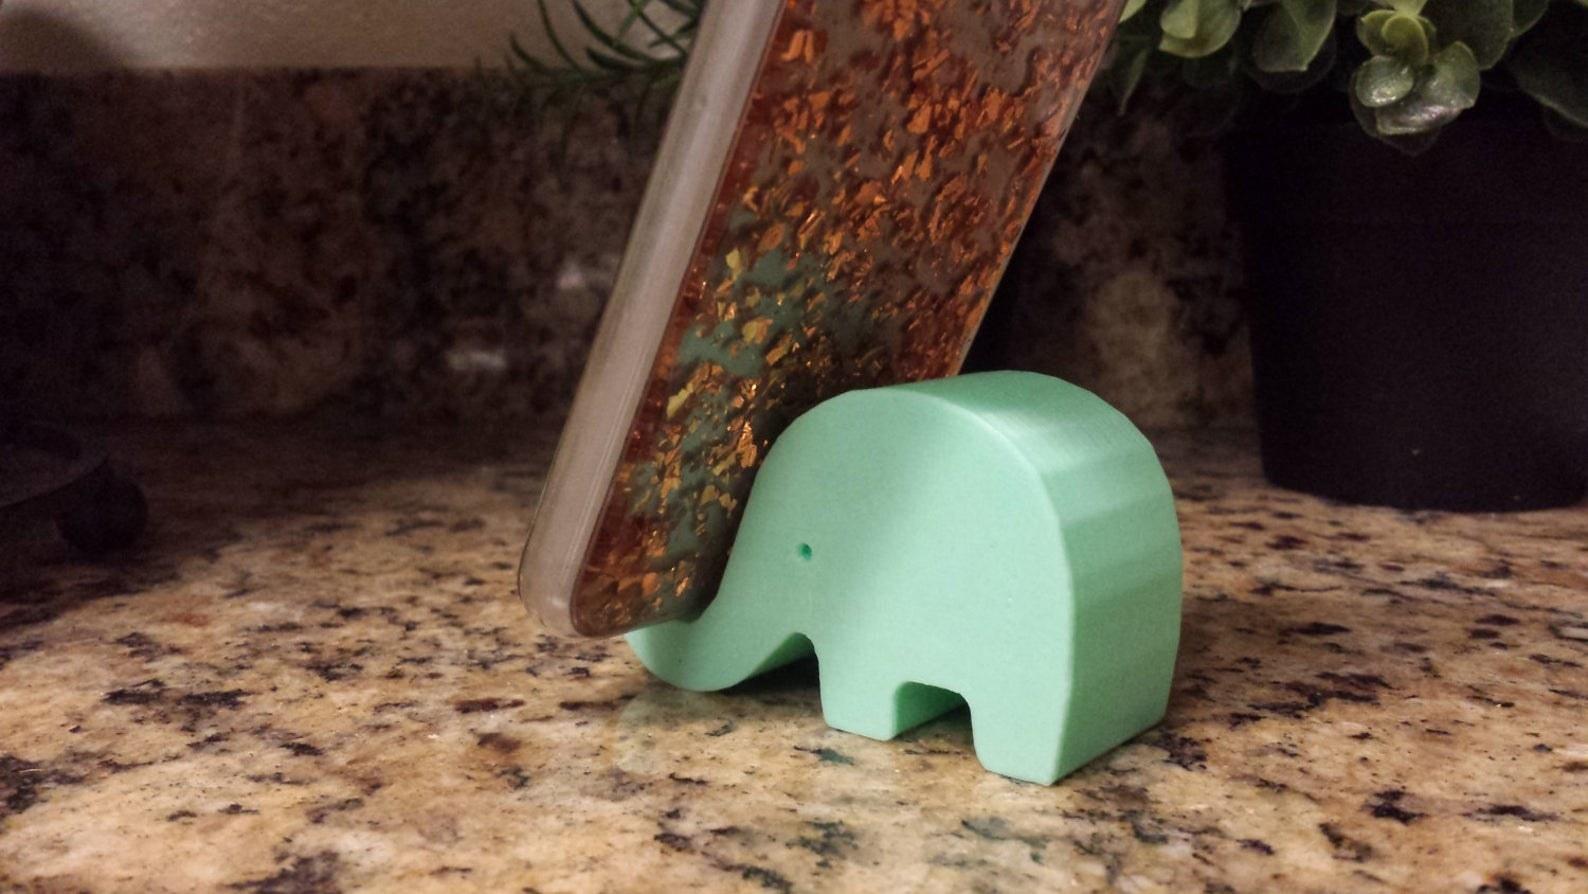 Elephant-shaped phone holder holding smartphone